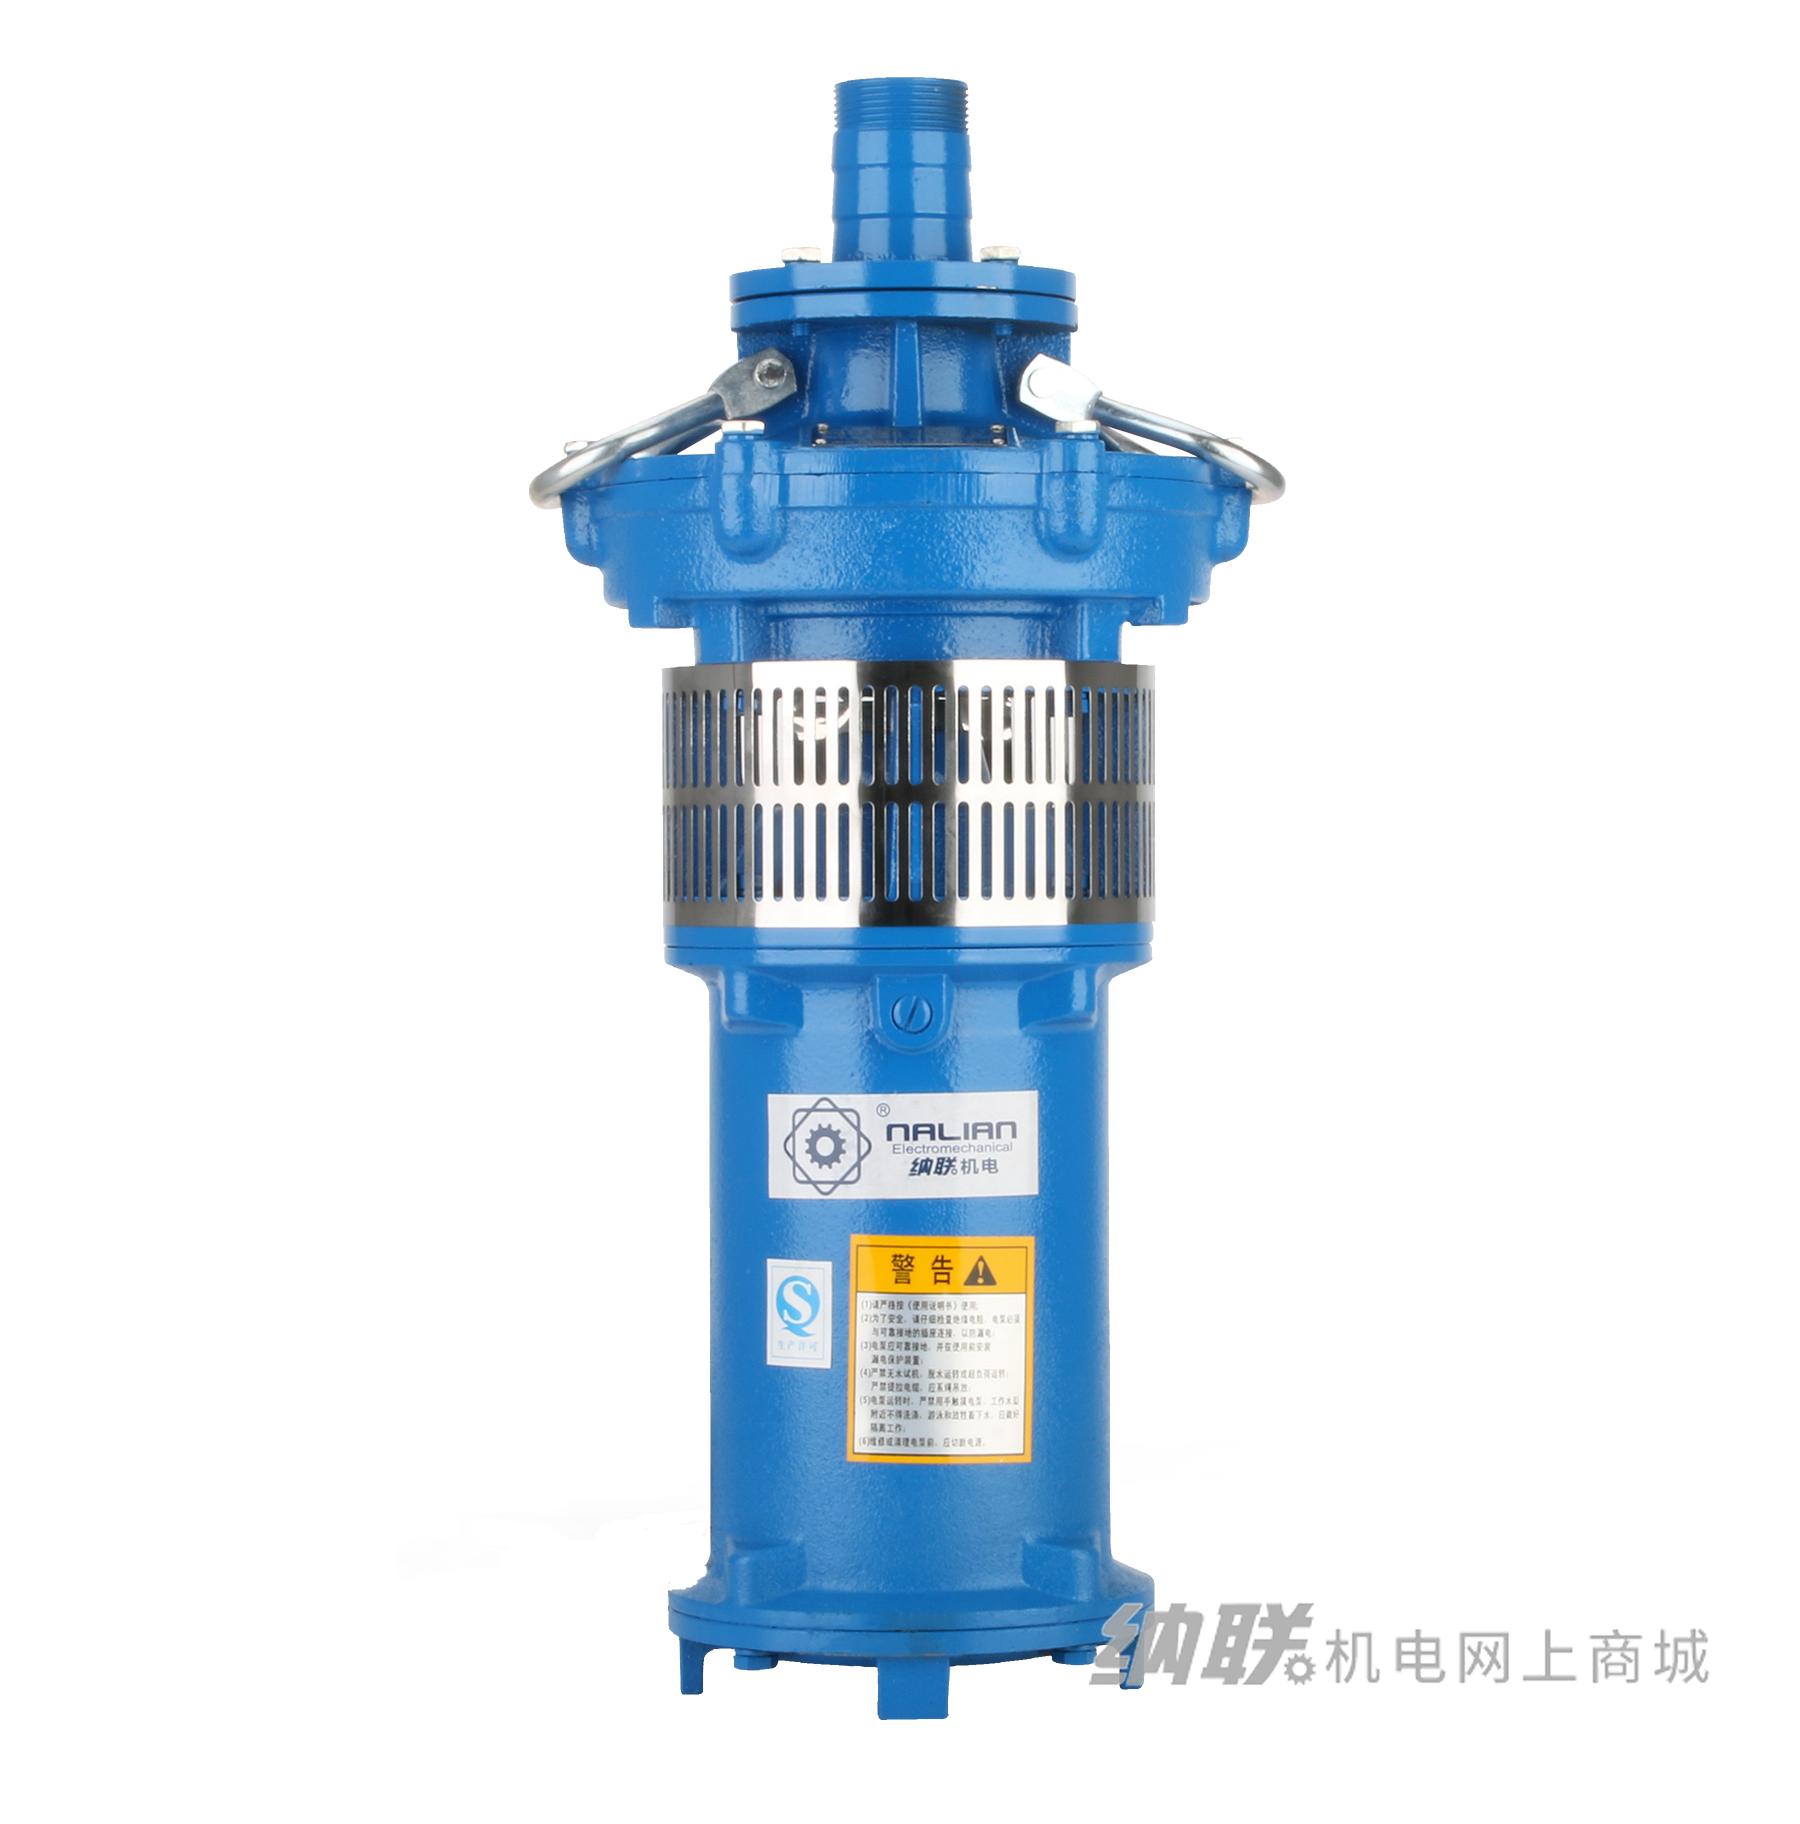 纳联机电 油浸泵-50QY15-26-2.2